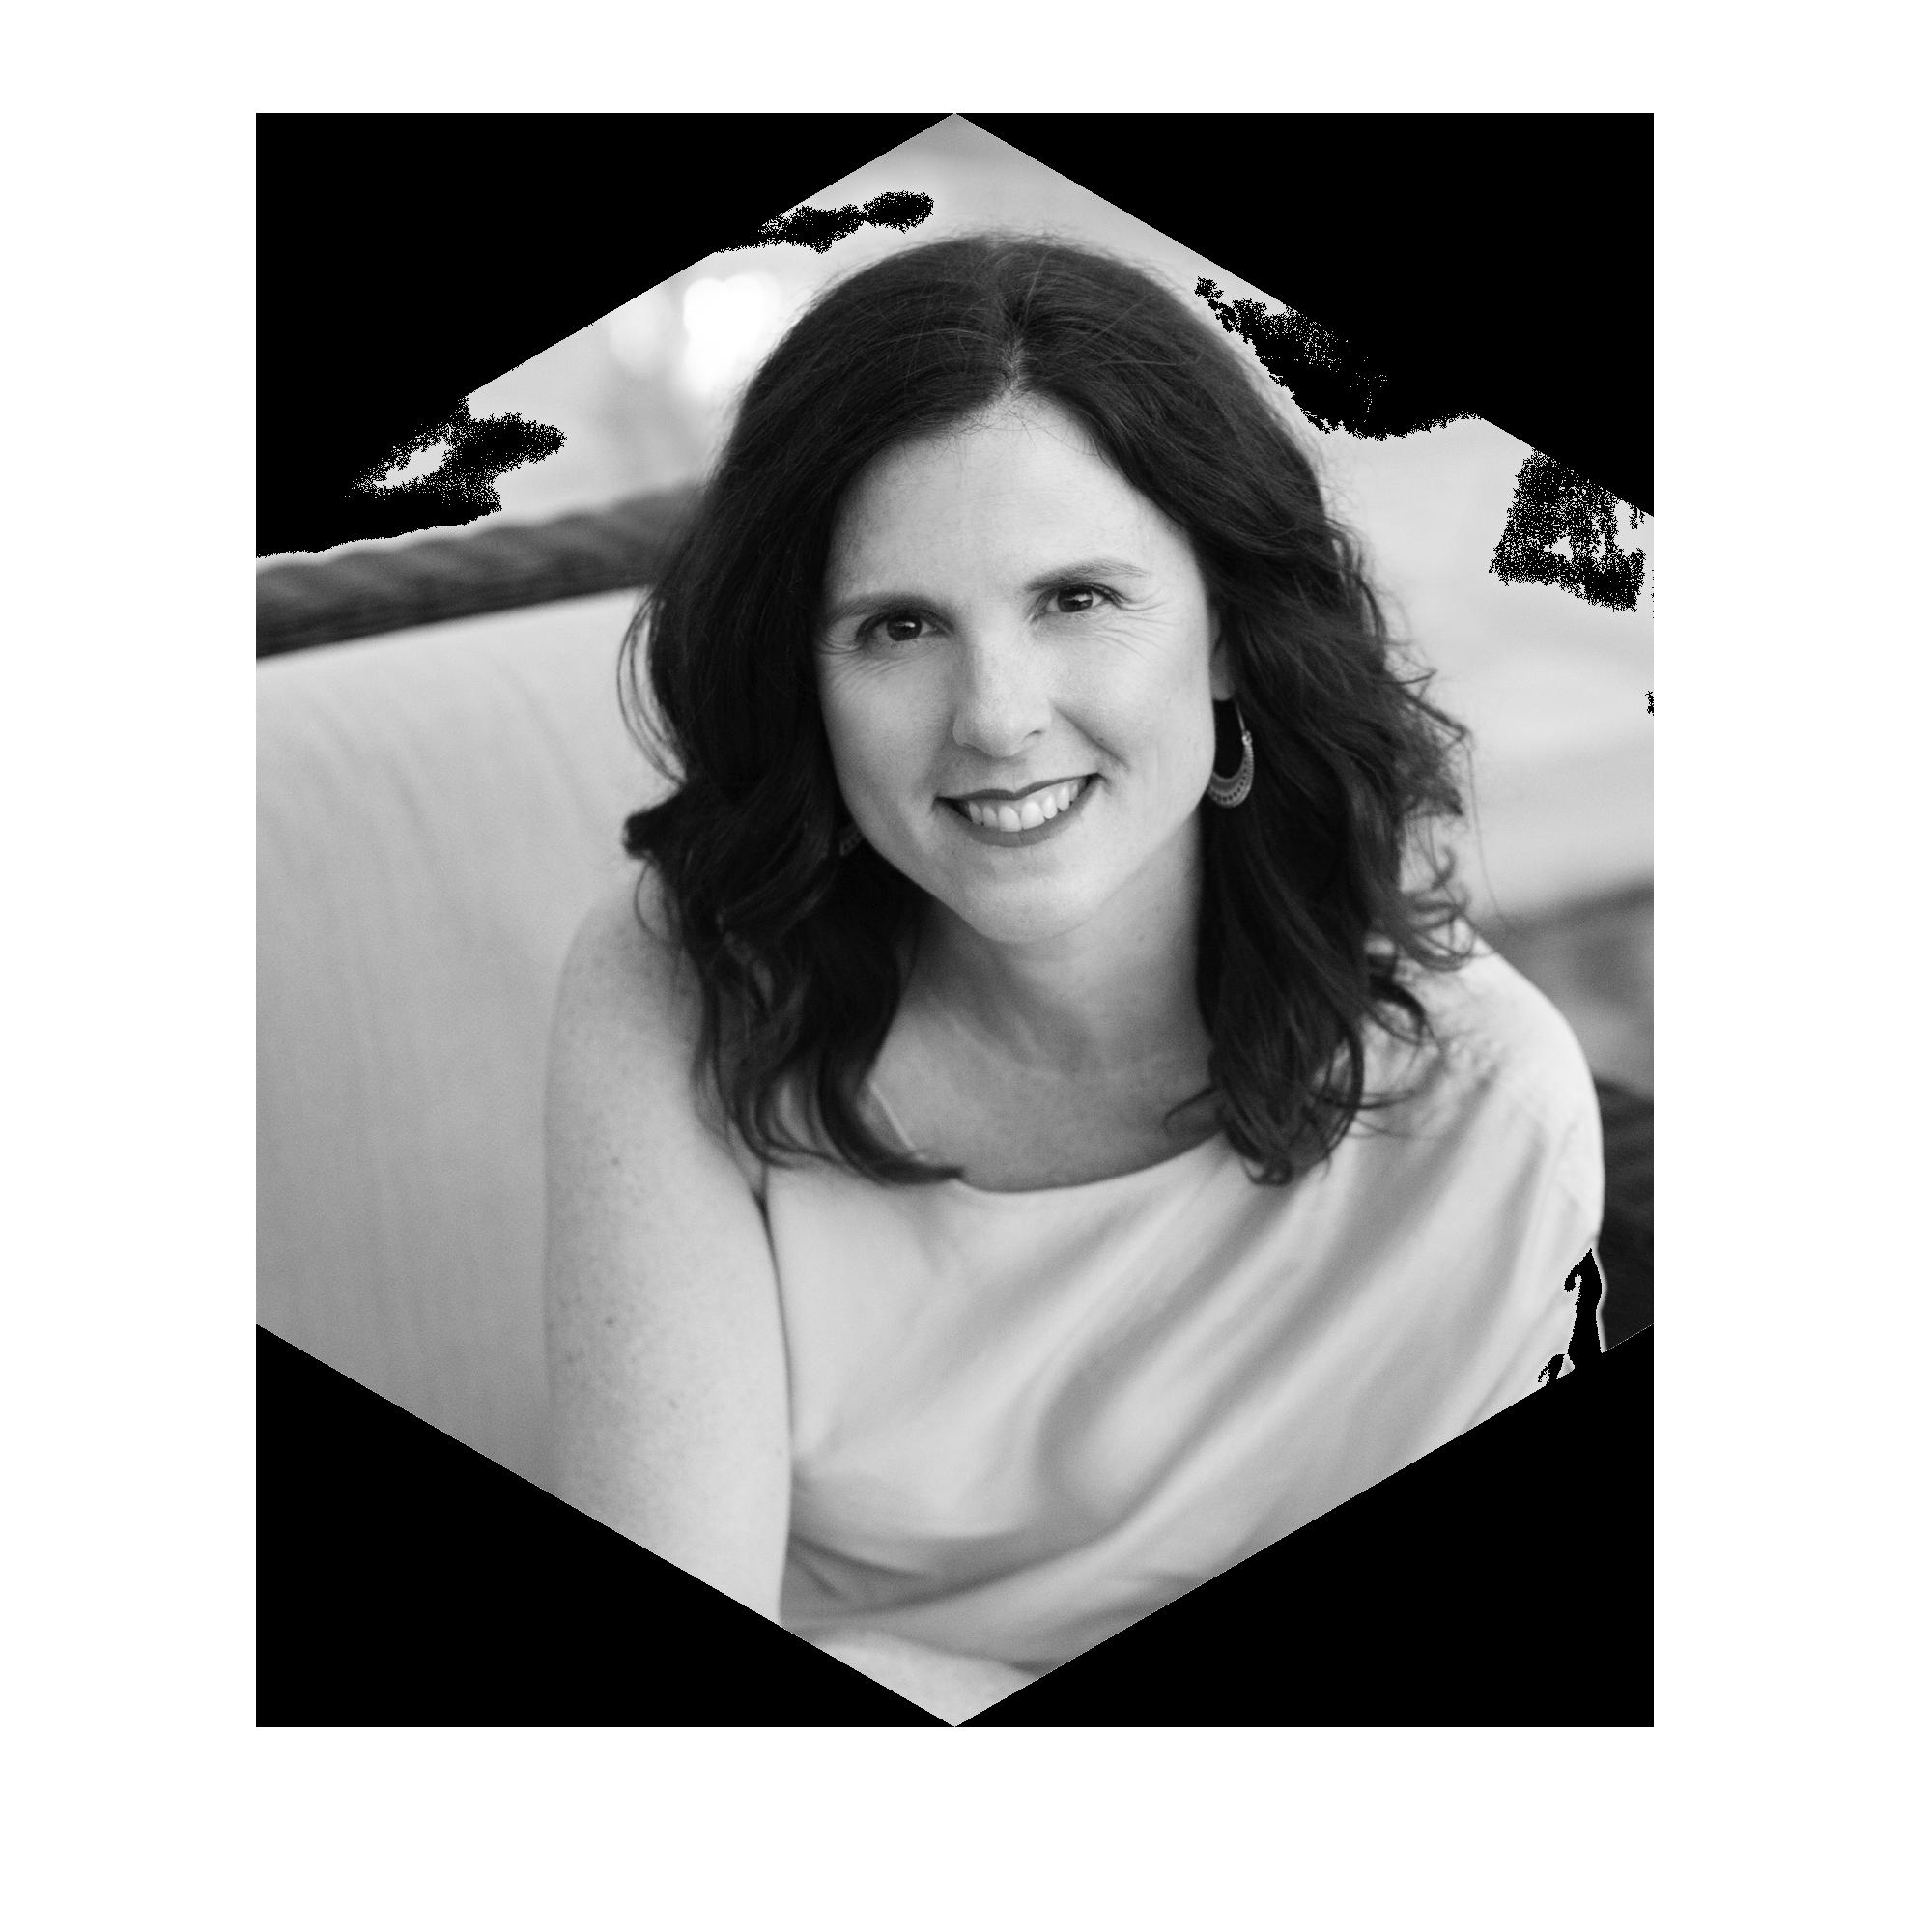 Dr. Rachel MK Headley